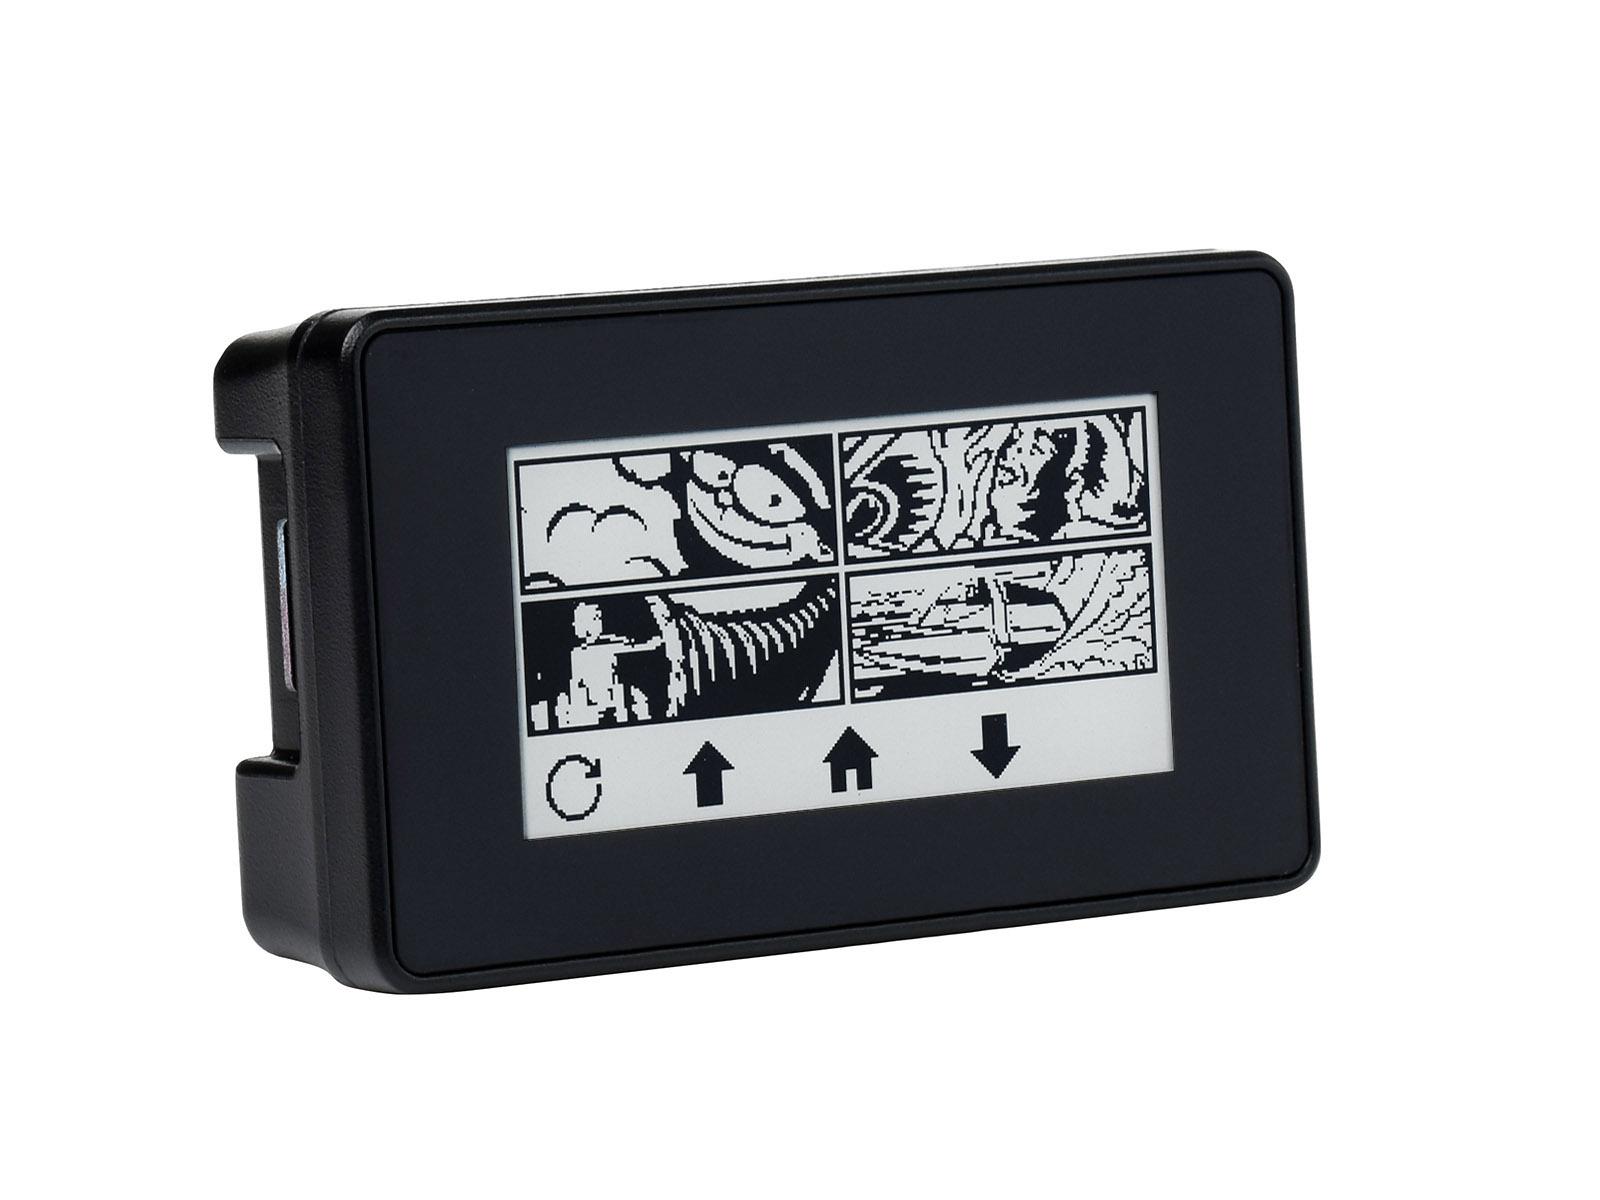 2.13英寸触控墨水屏主机 250×122分辨率